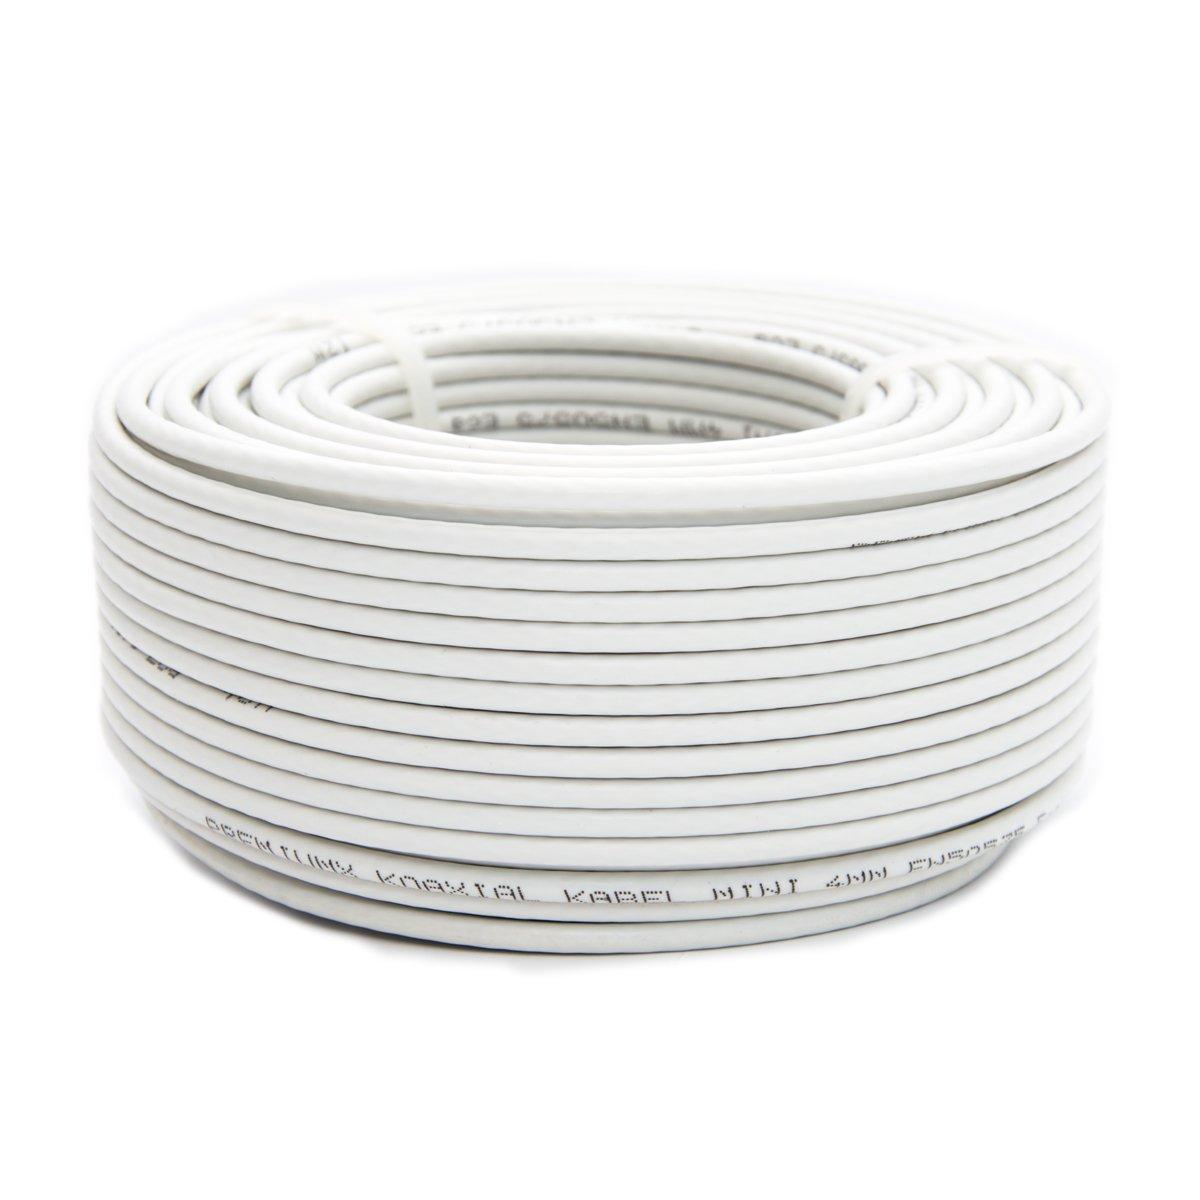 PremiumX - Cable coaxial para antena satélite (50 m, 4 mm, extrafino, apantallado de 2 capas, DVB-T, Ultra HD, 4K, 3D)